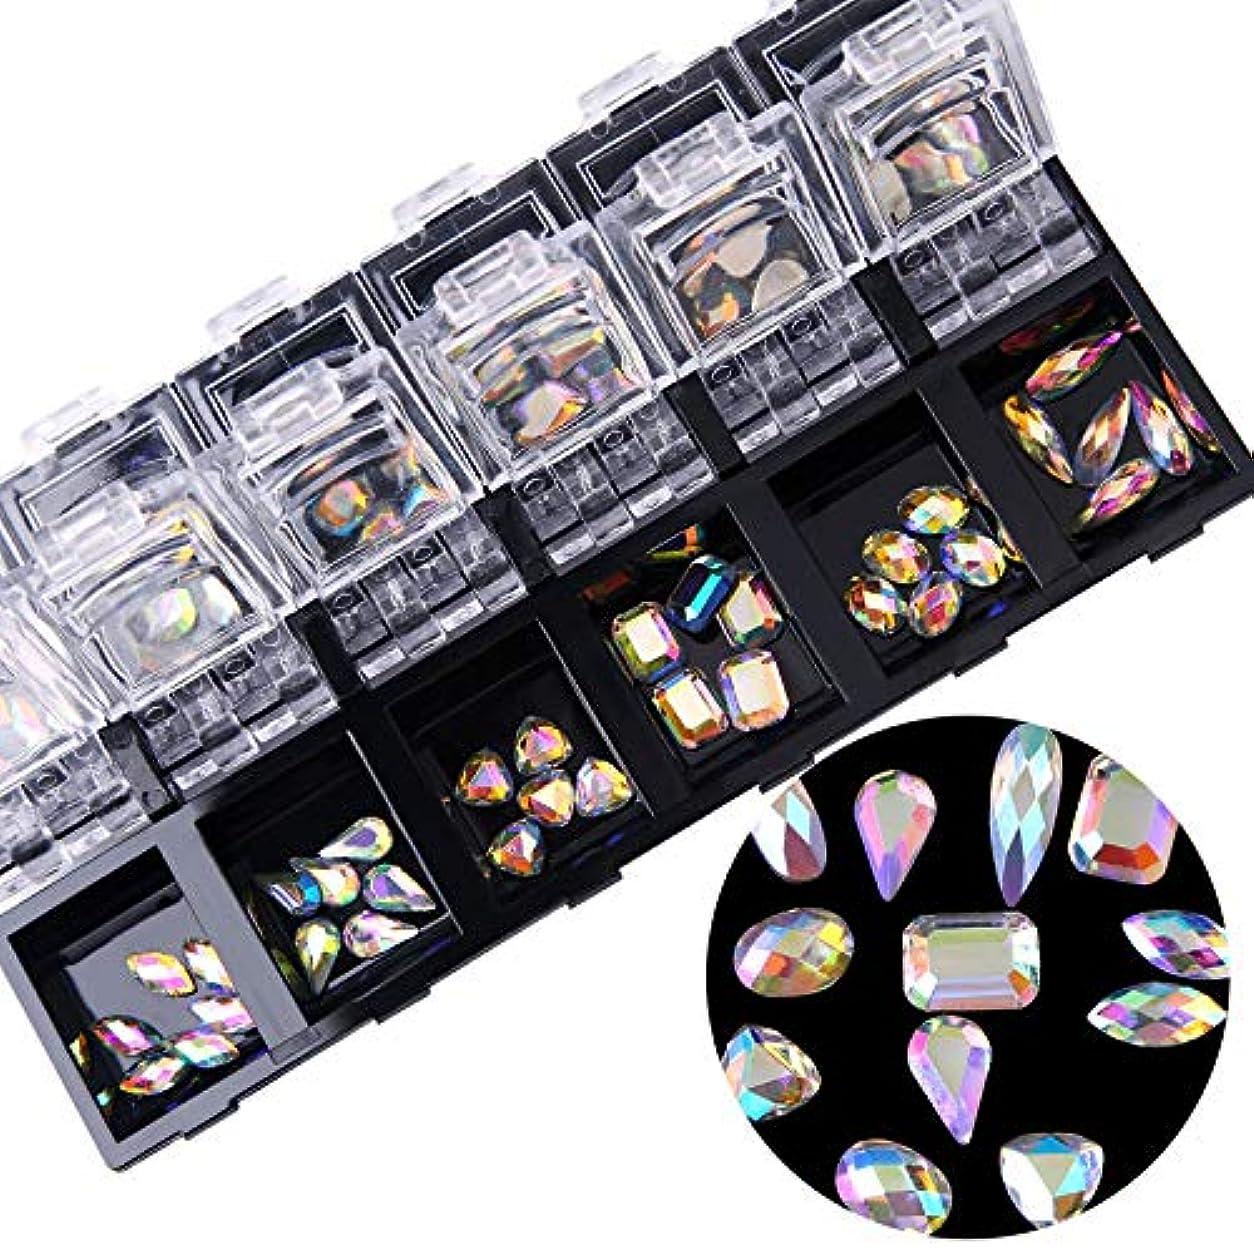 謙虚昇る悲劇1ボックスシルバーフラットバックネイルアートホログラフィックラインストーンジュエリーabクリスタルダイヤモンドジェルのヒントデコレーションケース